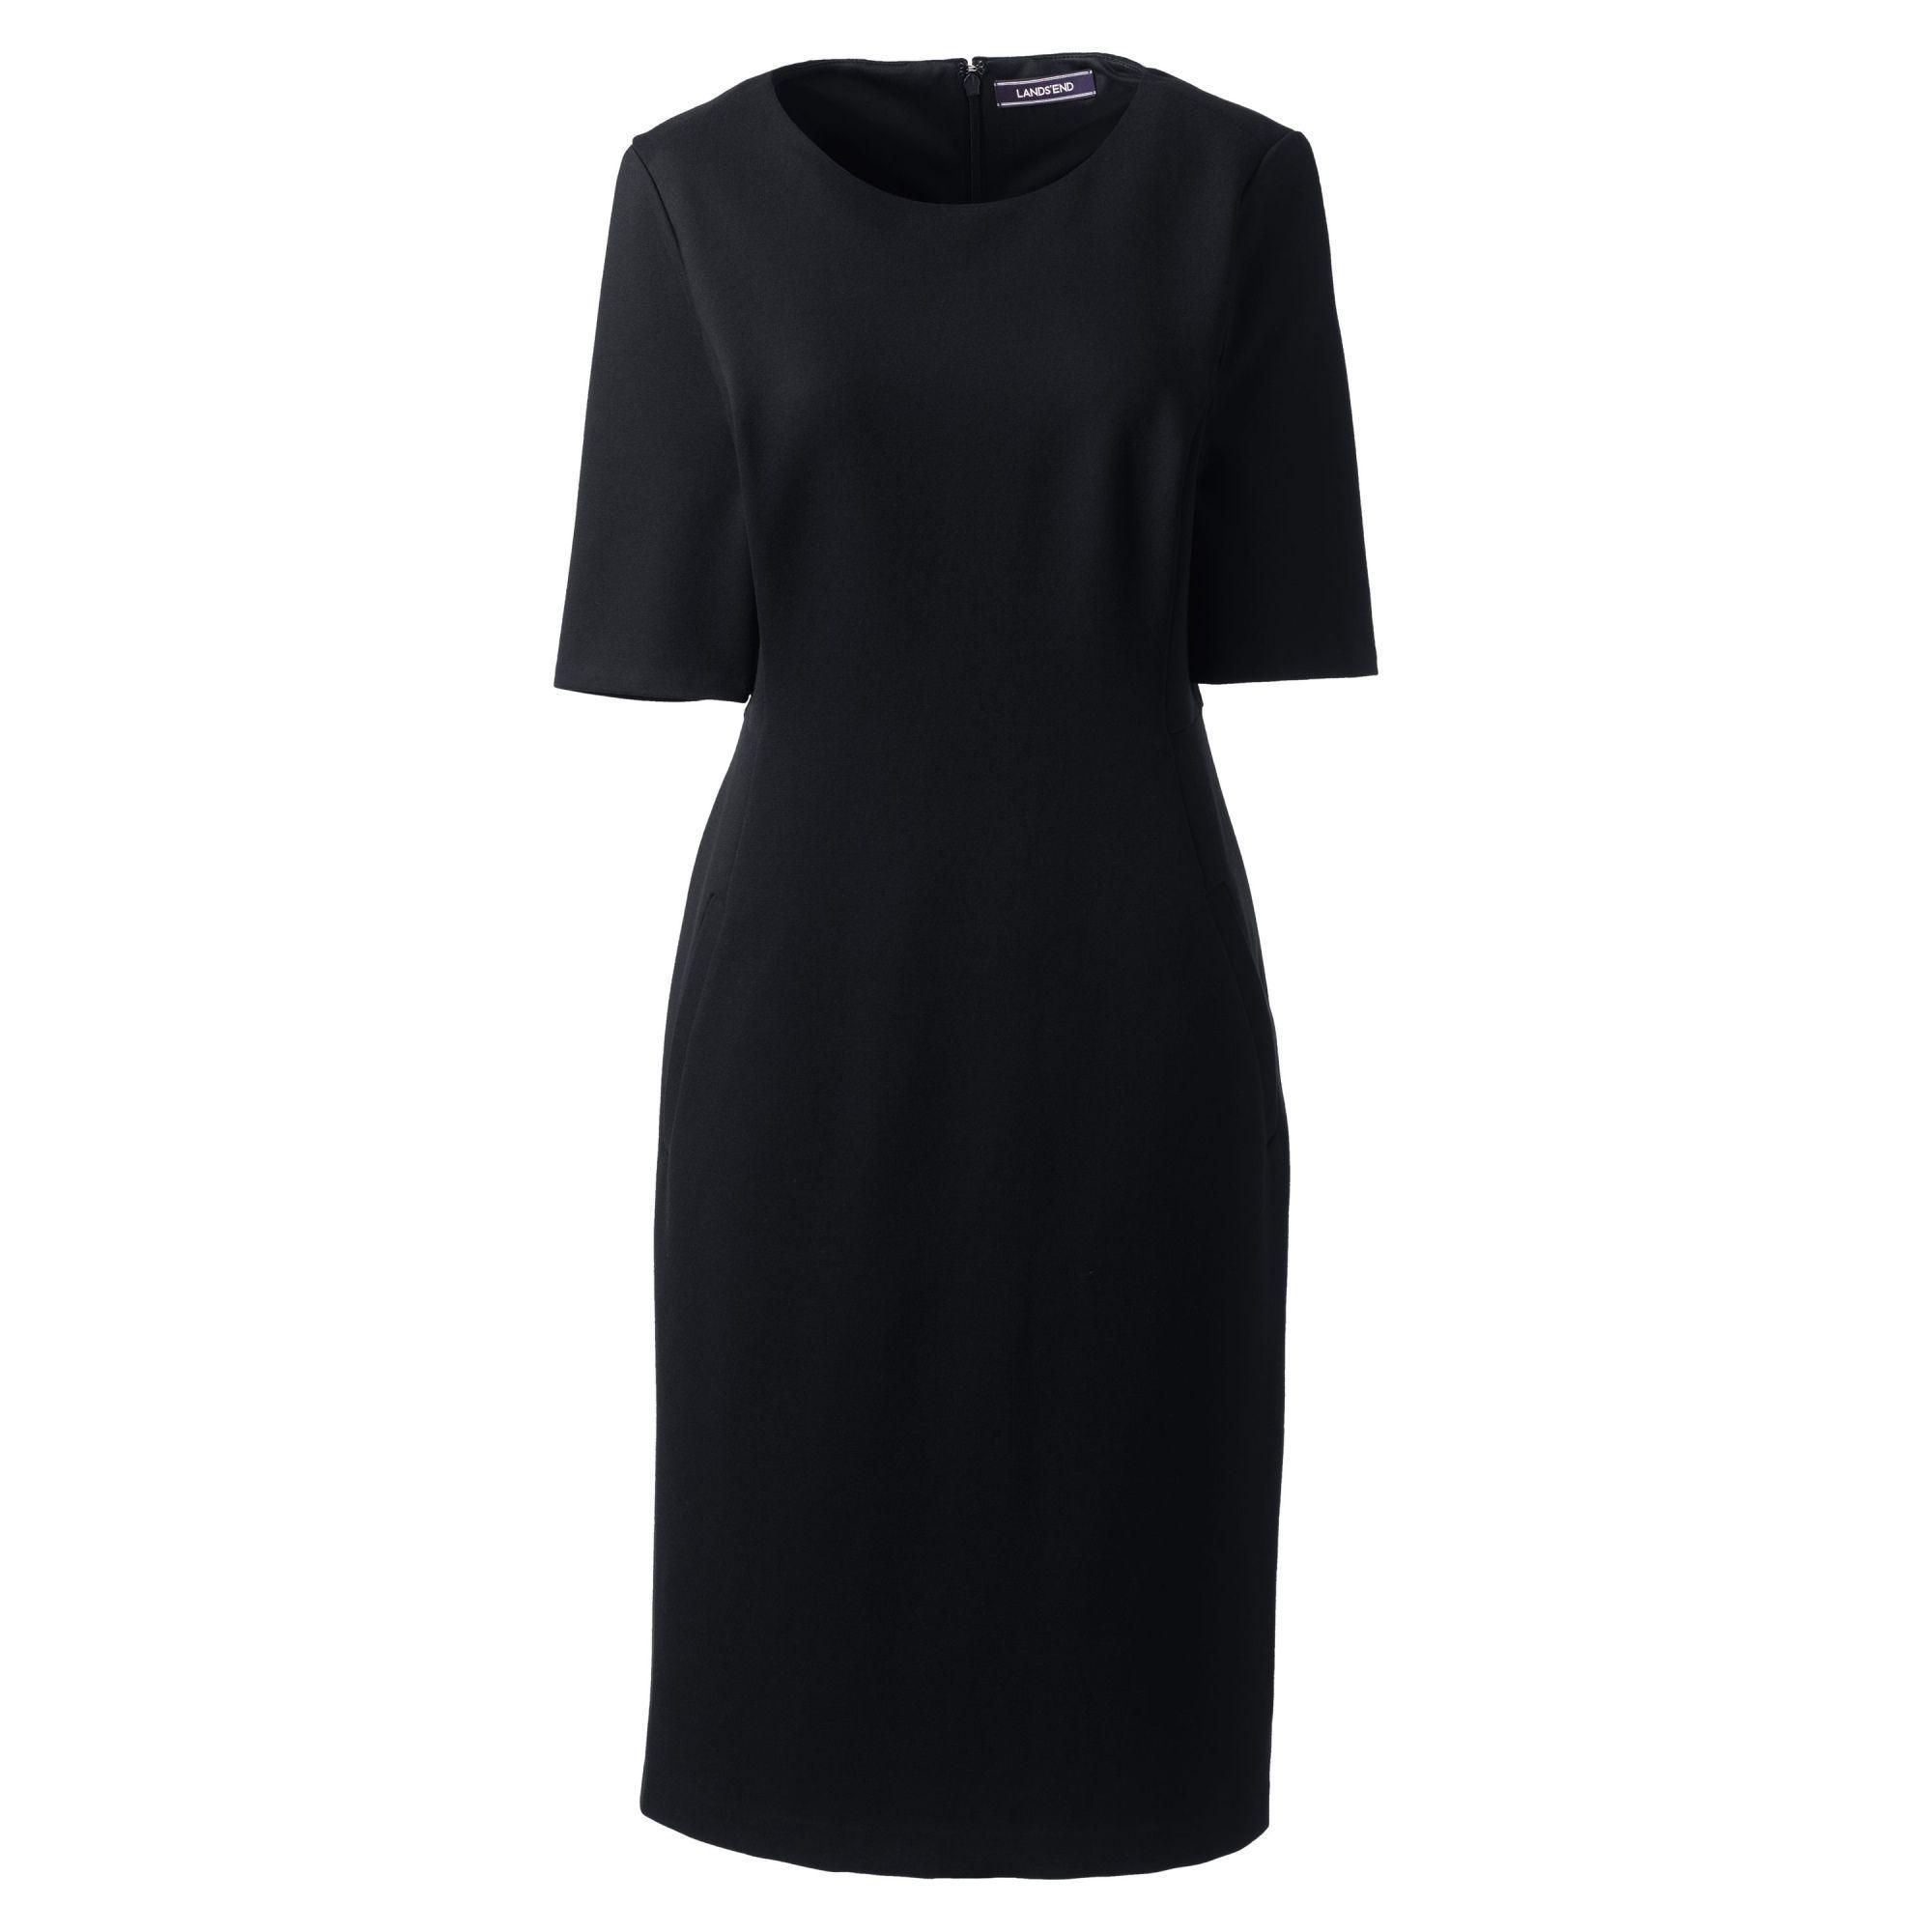 4753c288 Lands' End Black Elbow Sleeves Ponte Sheath Dress in Black - Lyst